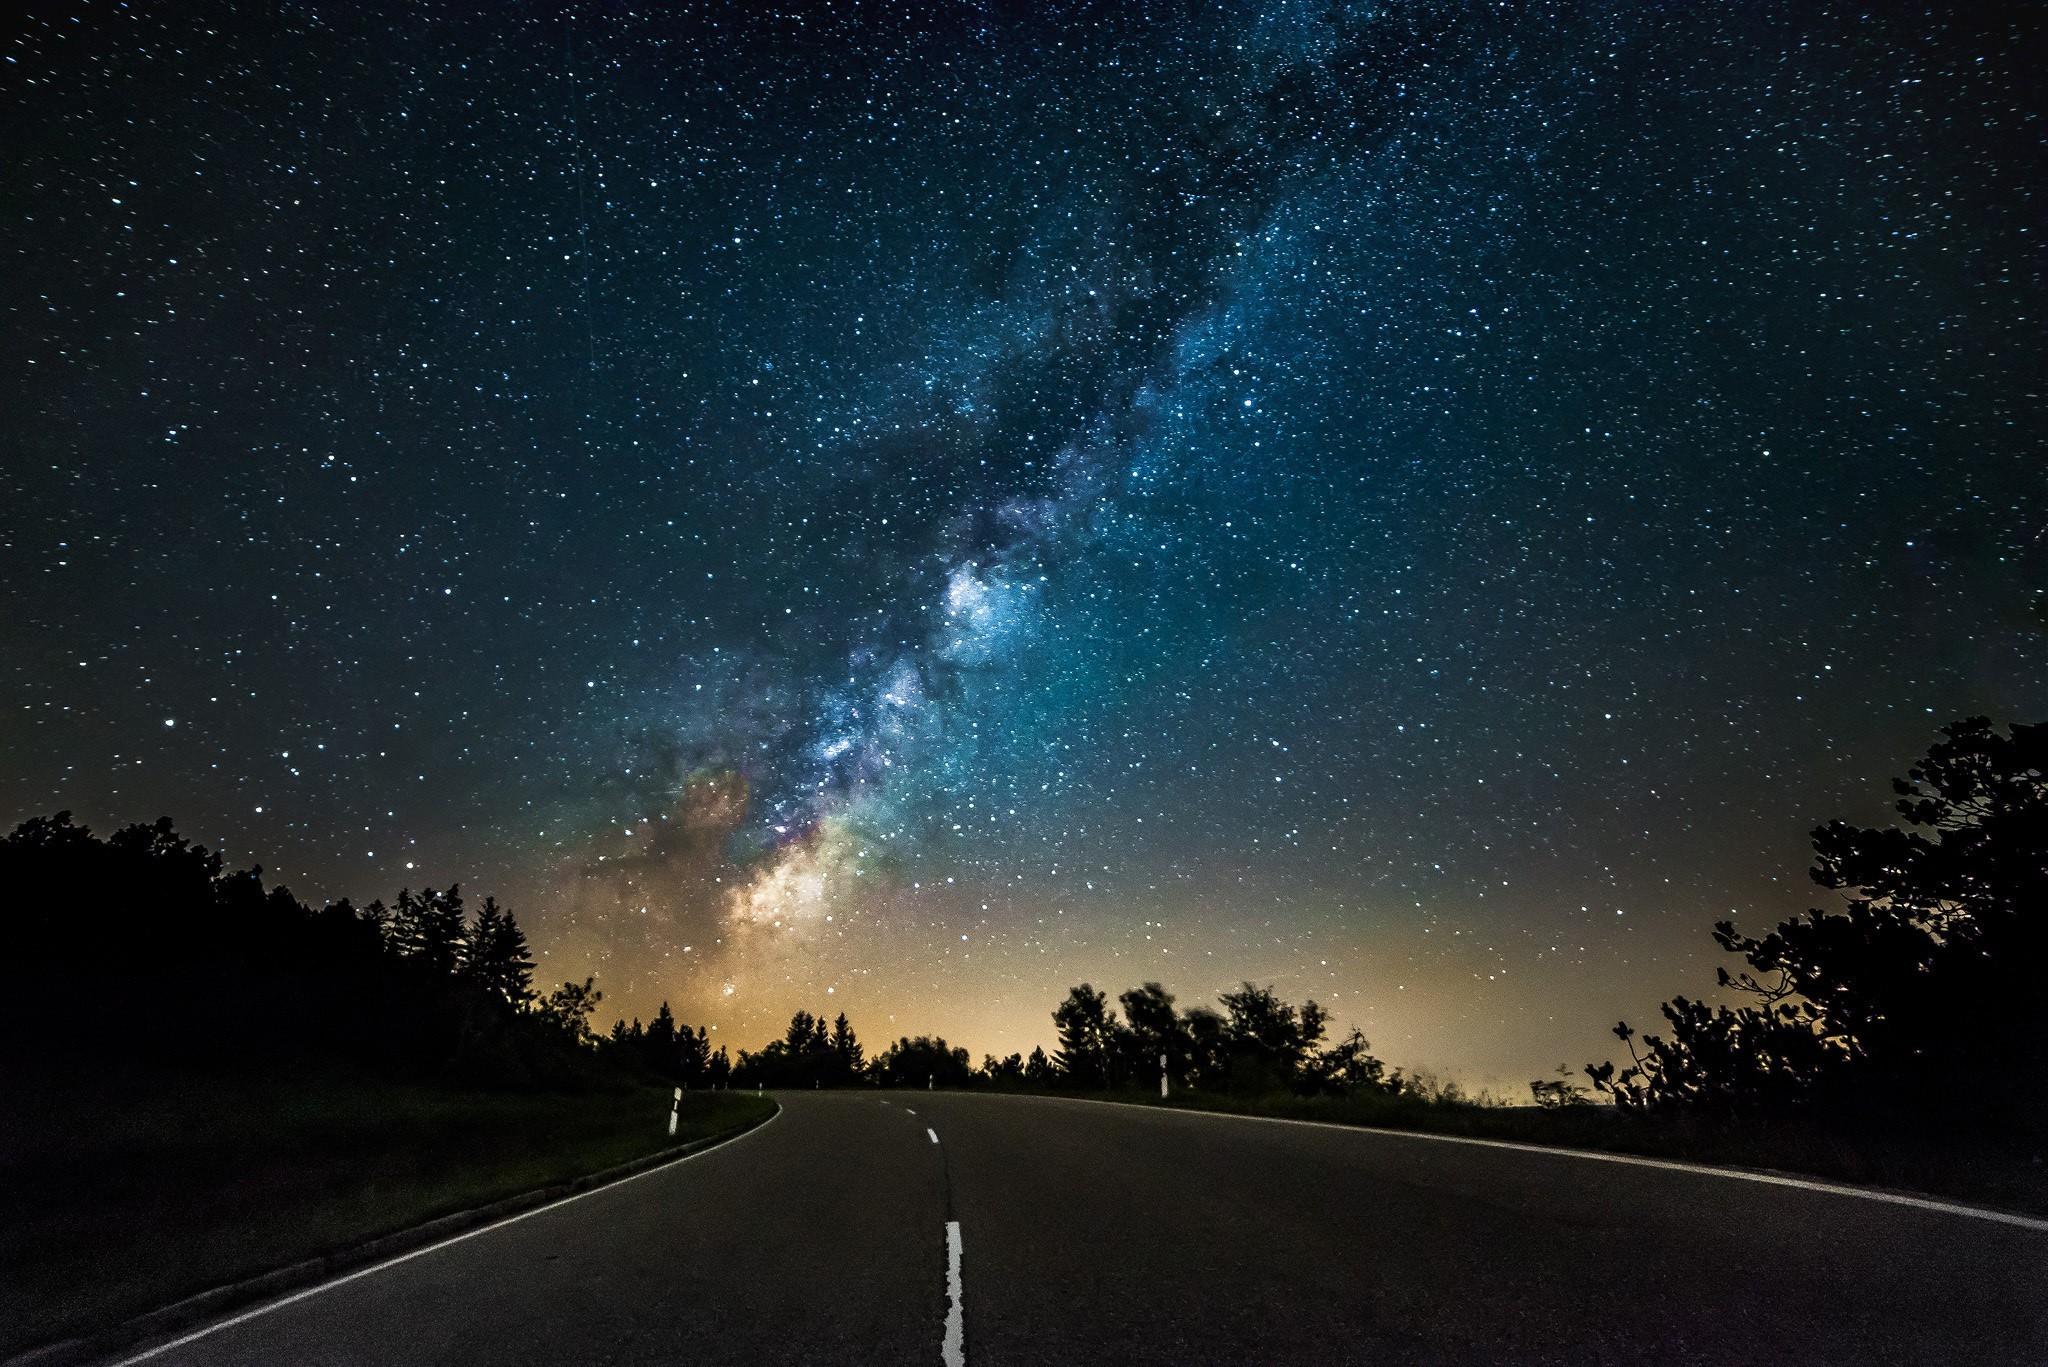 2048x1367 Px Landscape Night Stars Street